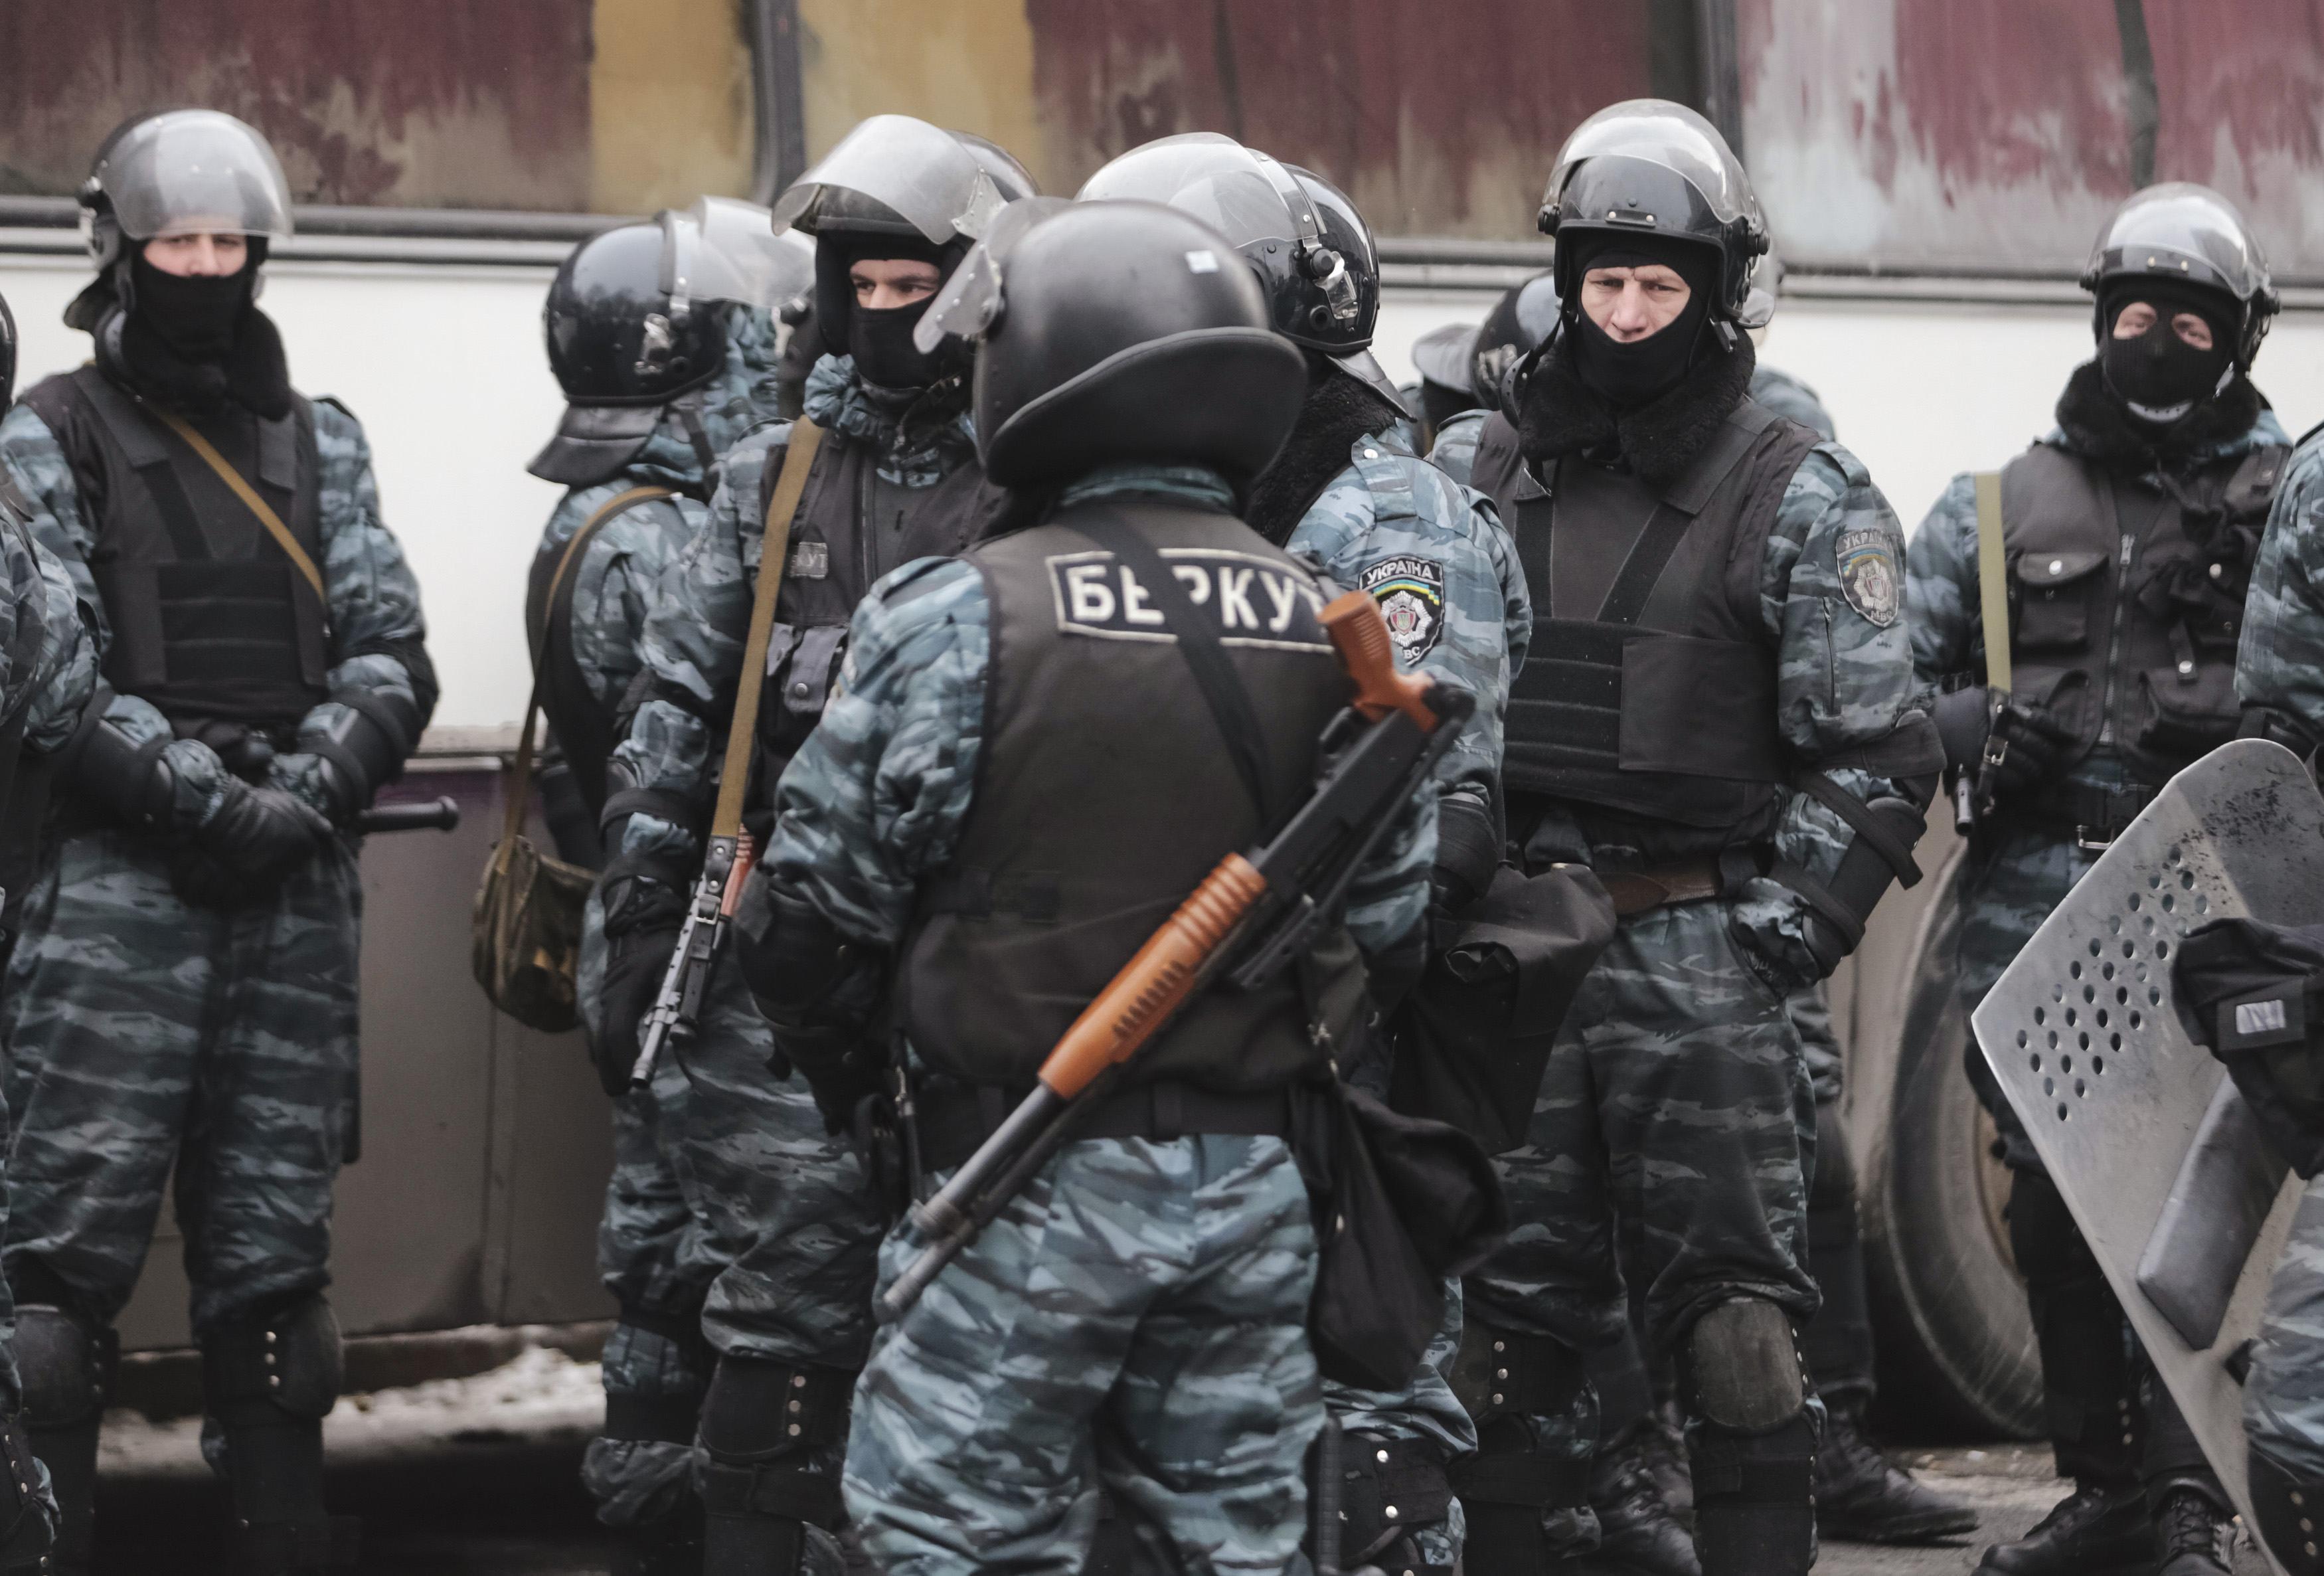 Ночью арестовали харьковского беркутовца, которого ранее суд освободил из-под стражи